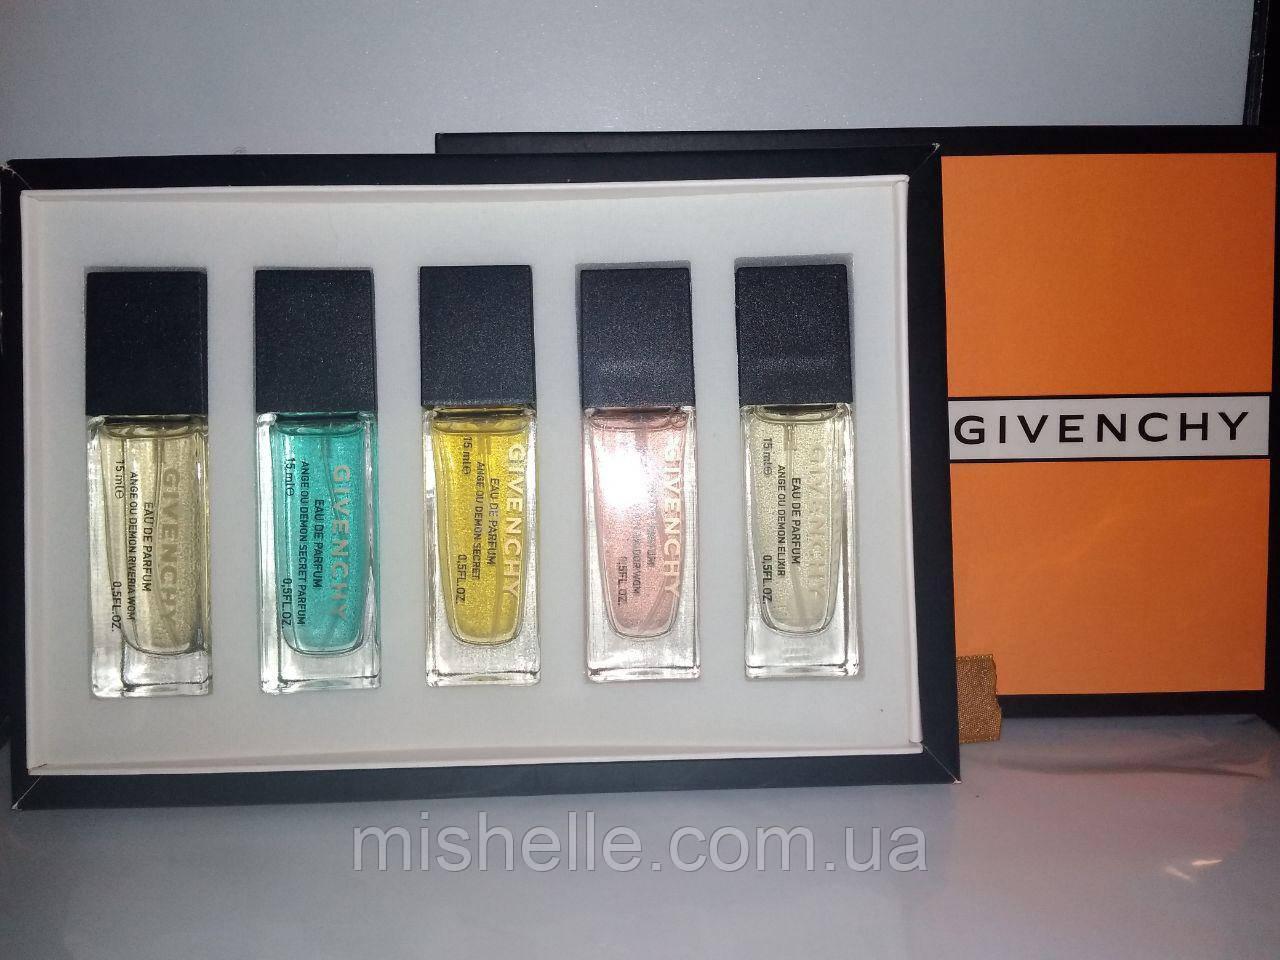 Набор мини-парфюмов Givenchy 5 по 15мл